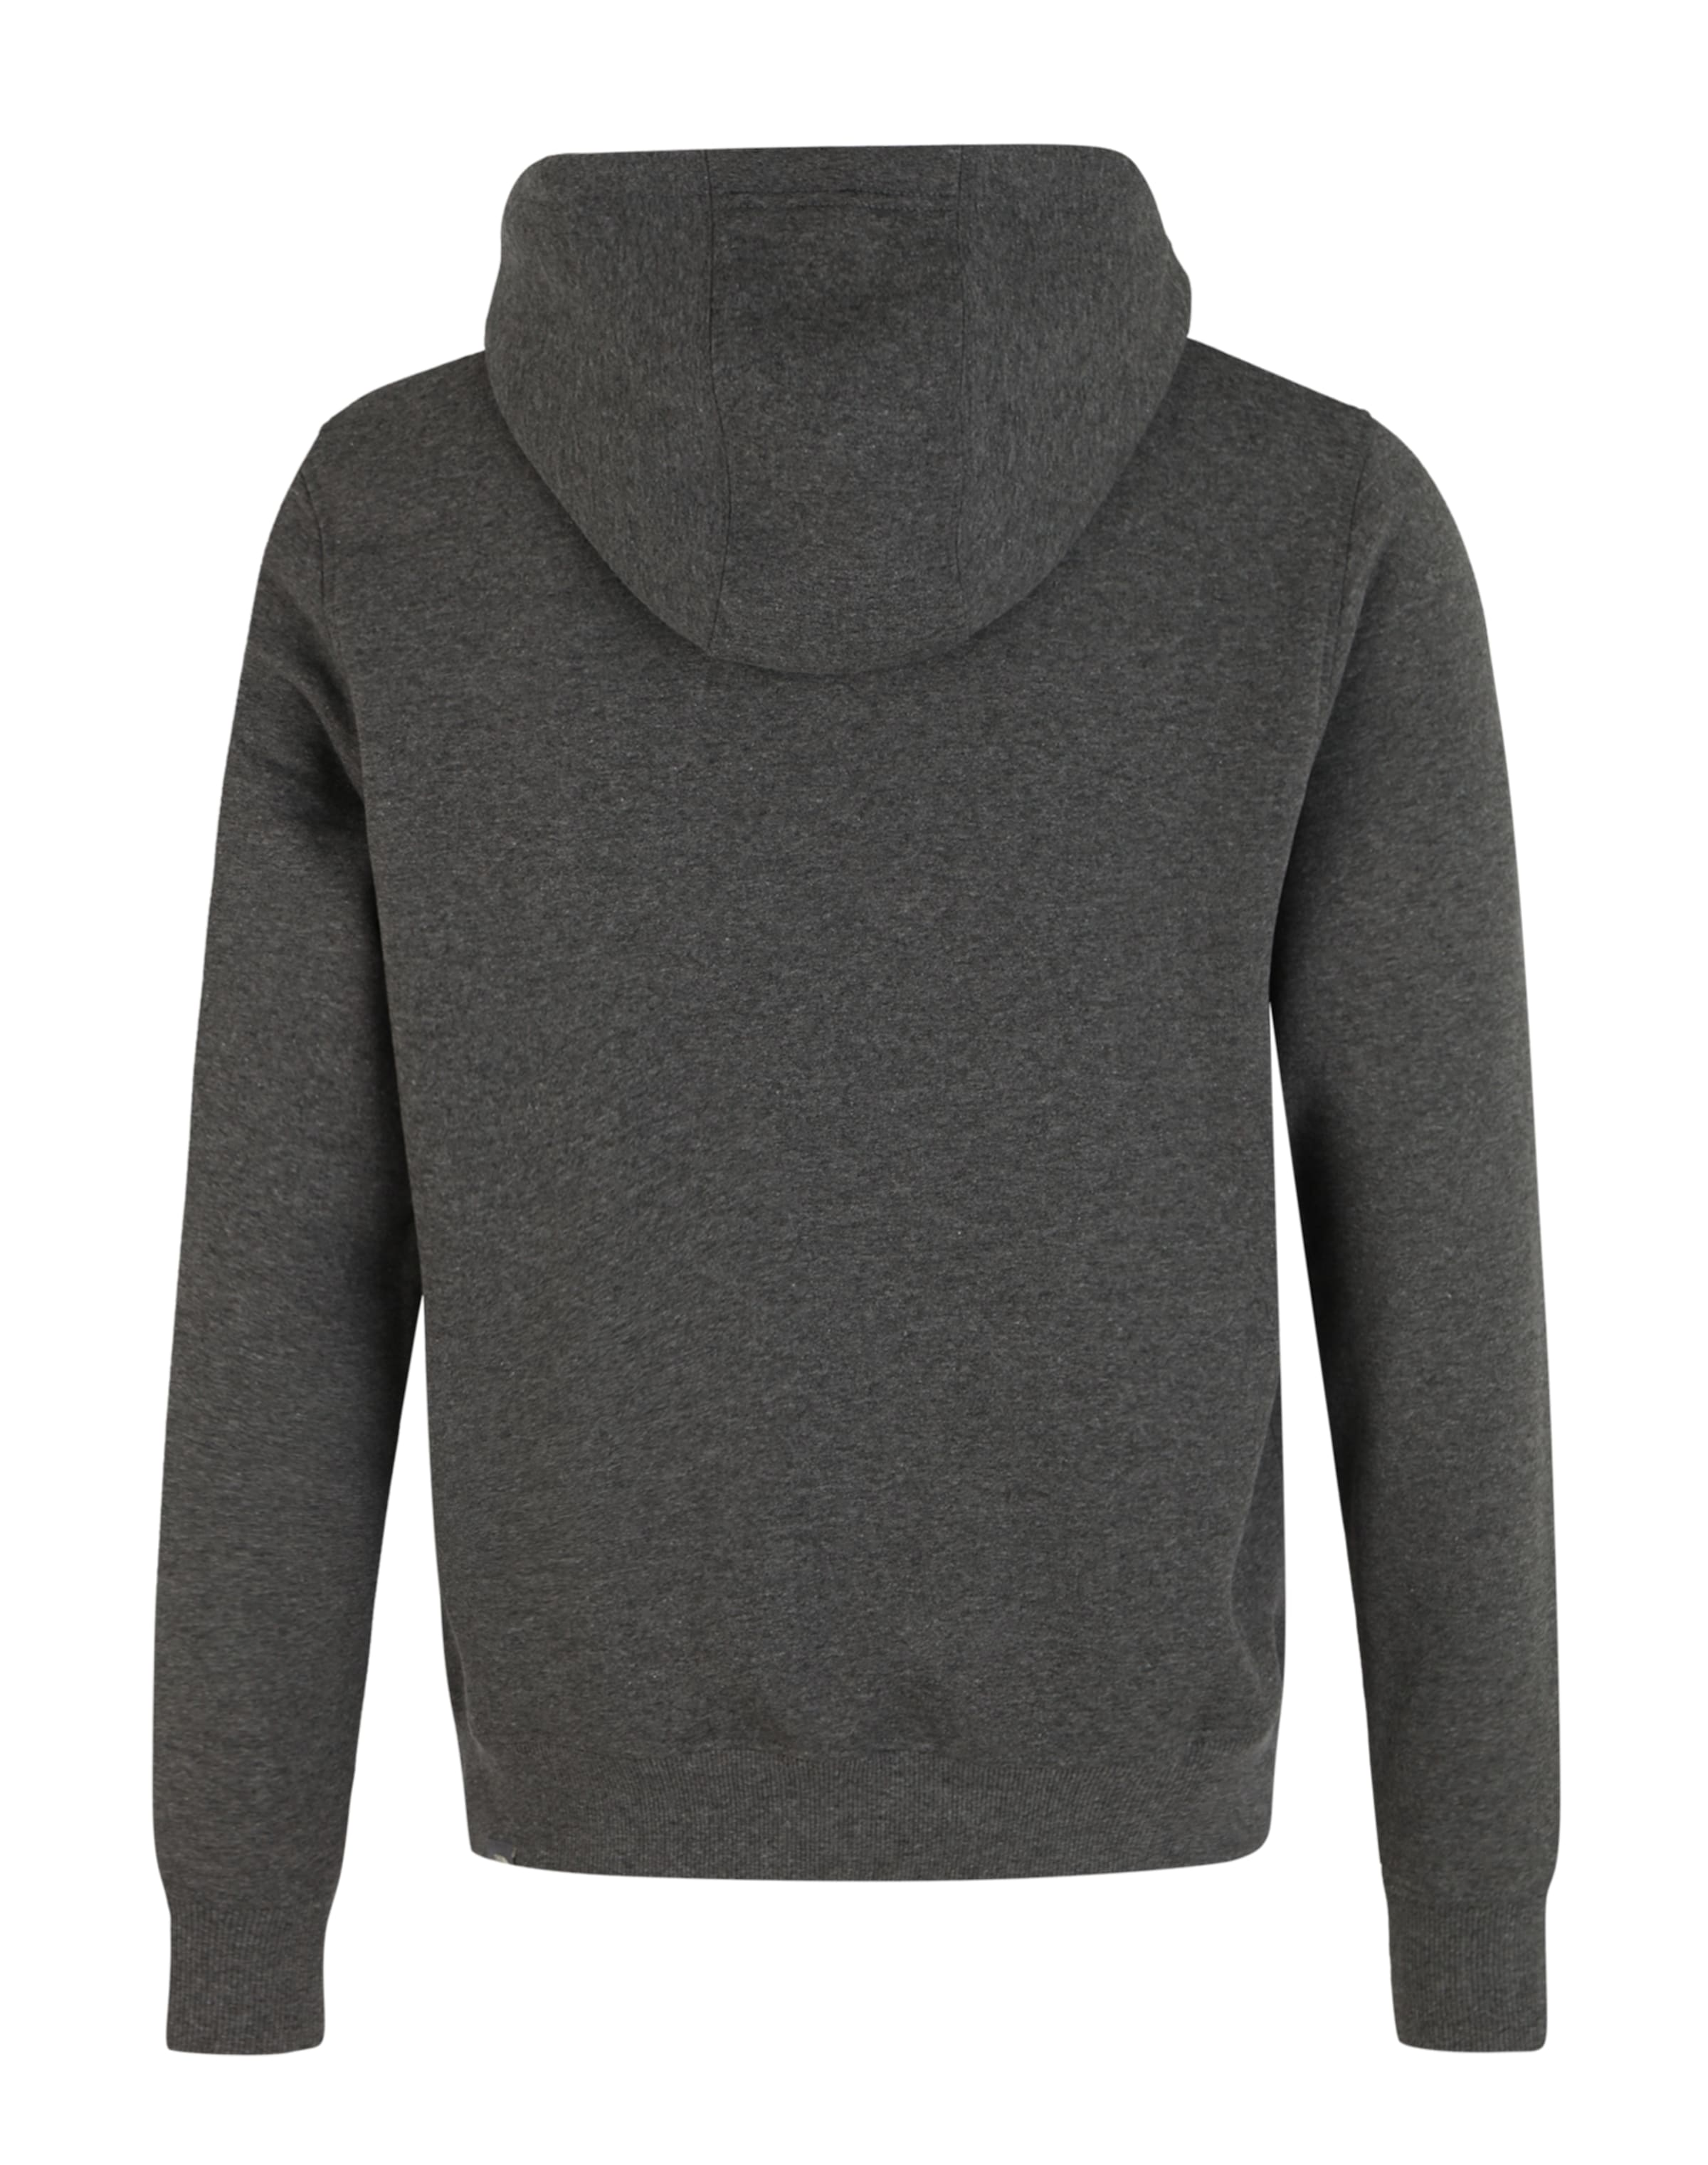 Billig Verkauf Offiziell Niedriger Preis Versandgebühr THE NORTH FACE Sweater mit Label-Stickerei QicKhovlT